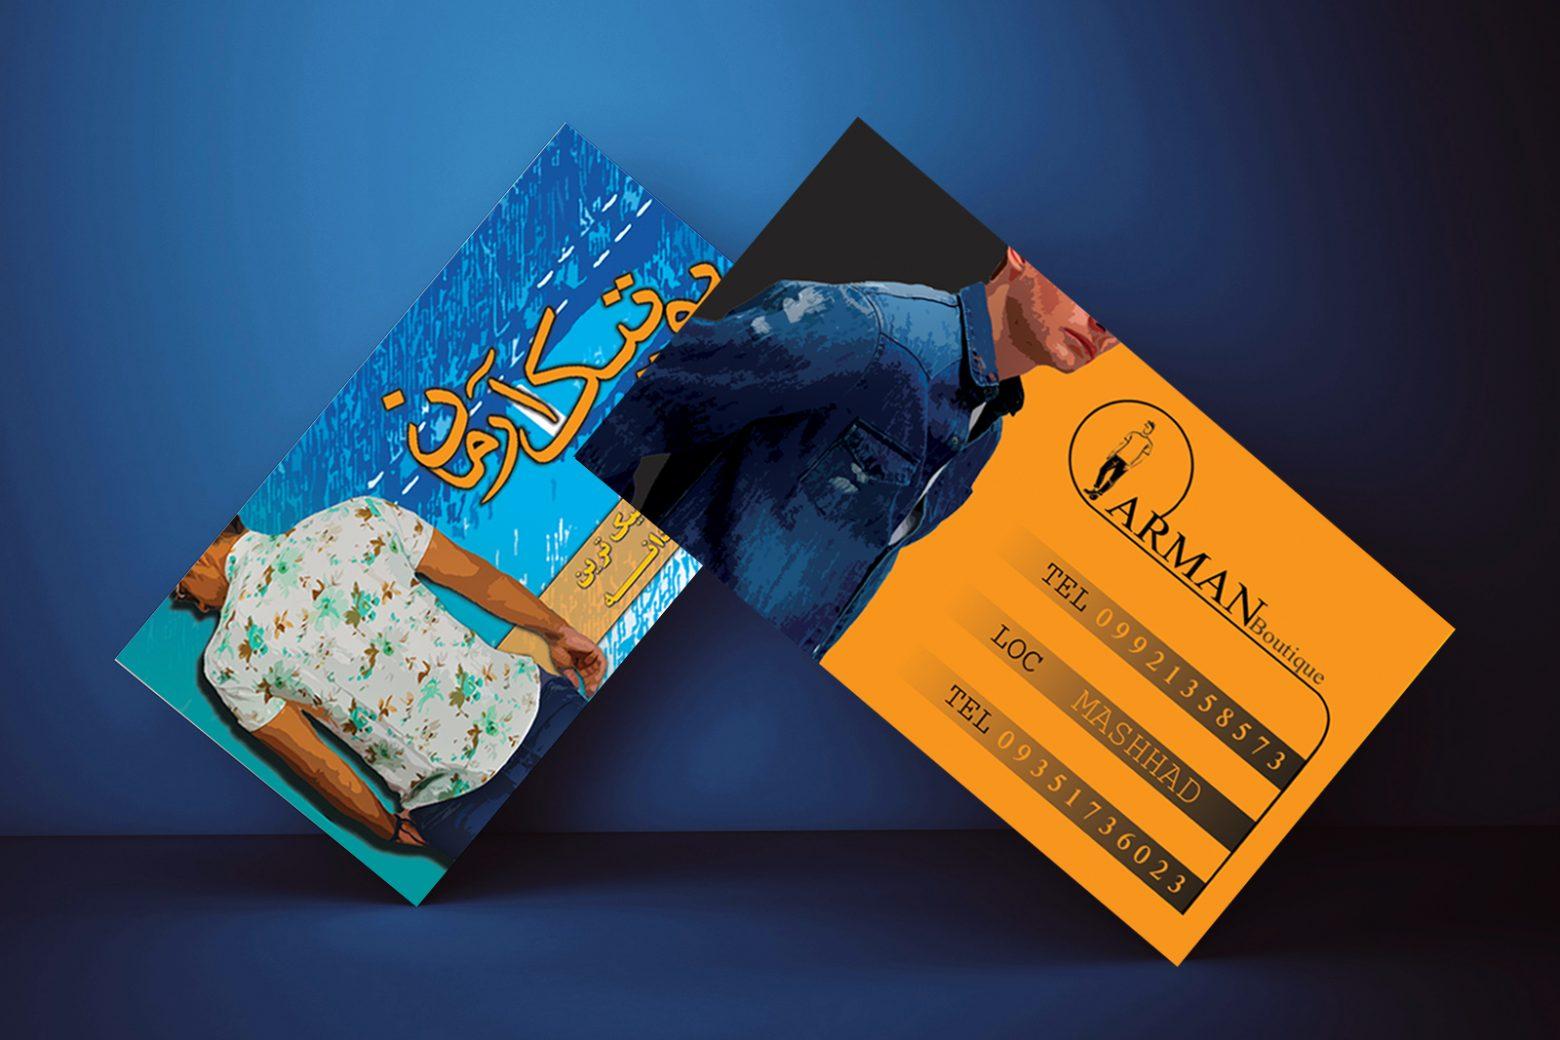 vizit boutique 1560x1040 - کارت ویزیت بوتیک مردانه